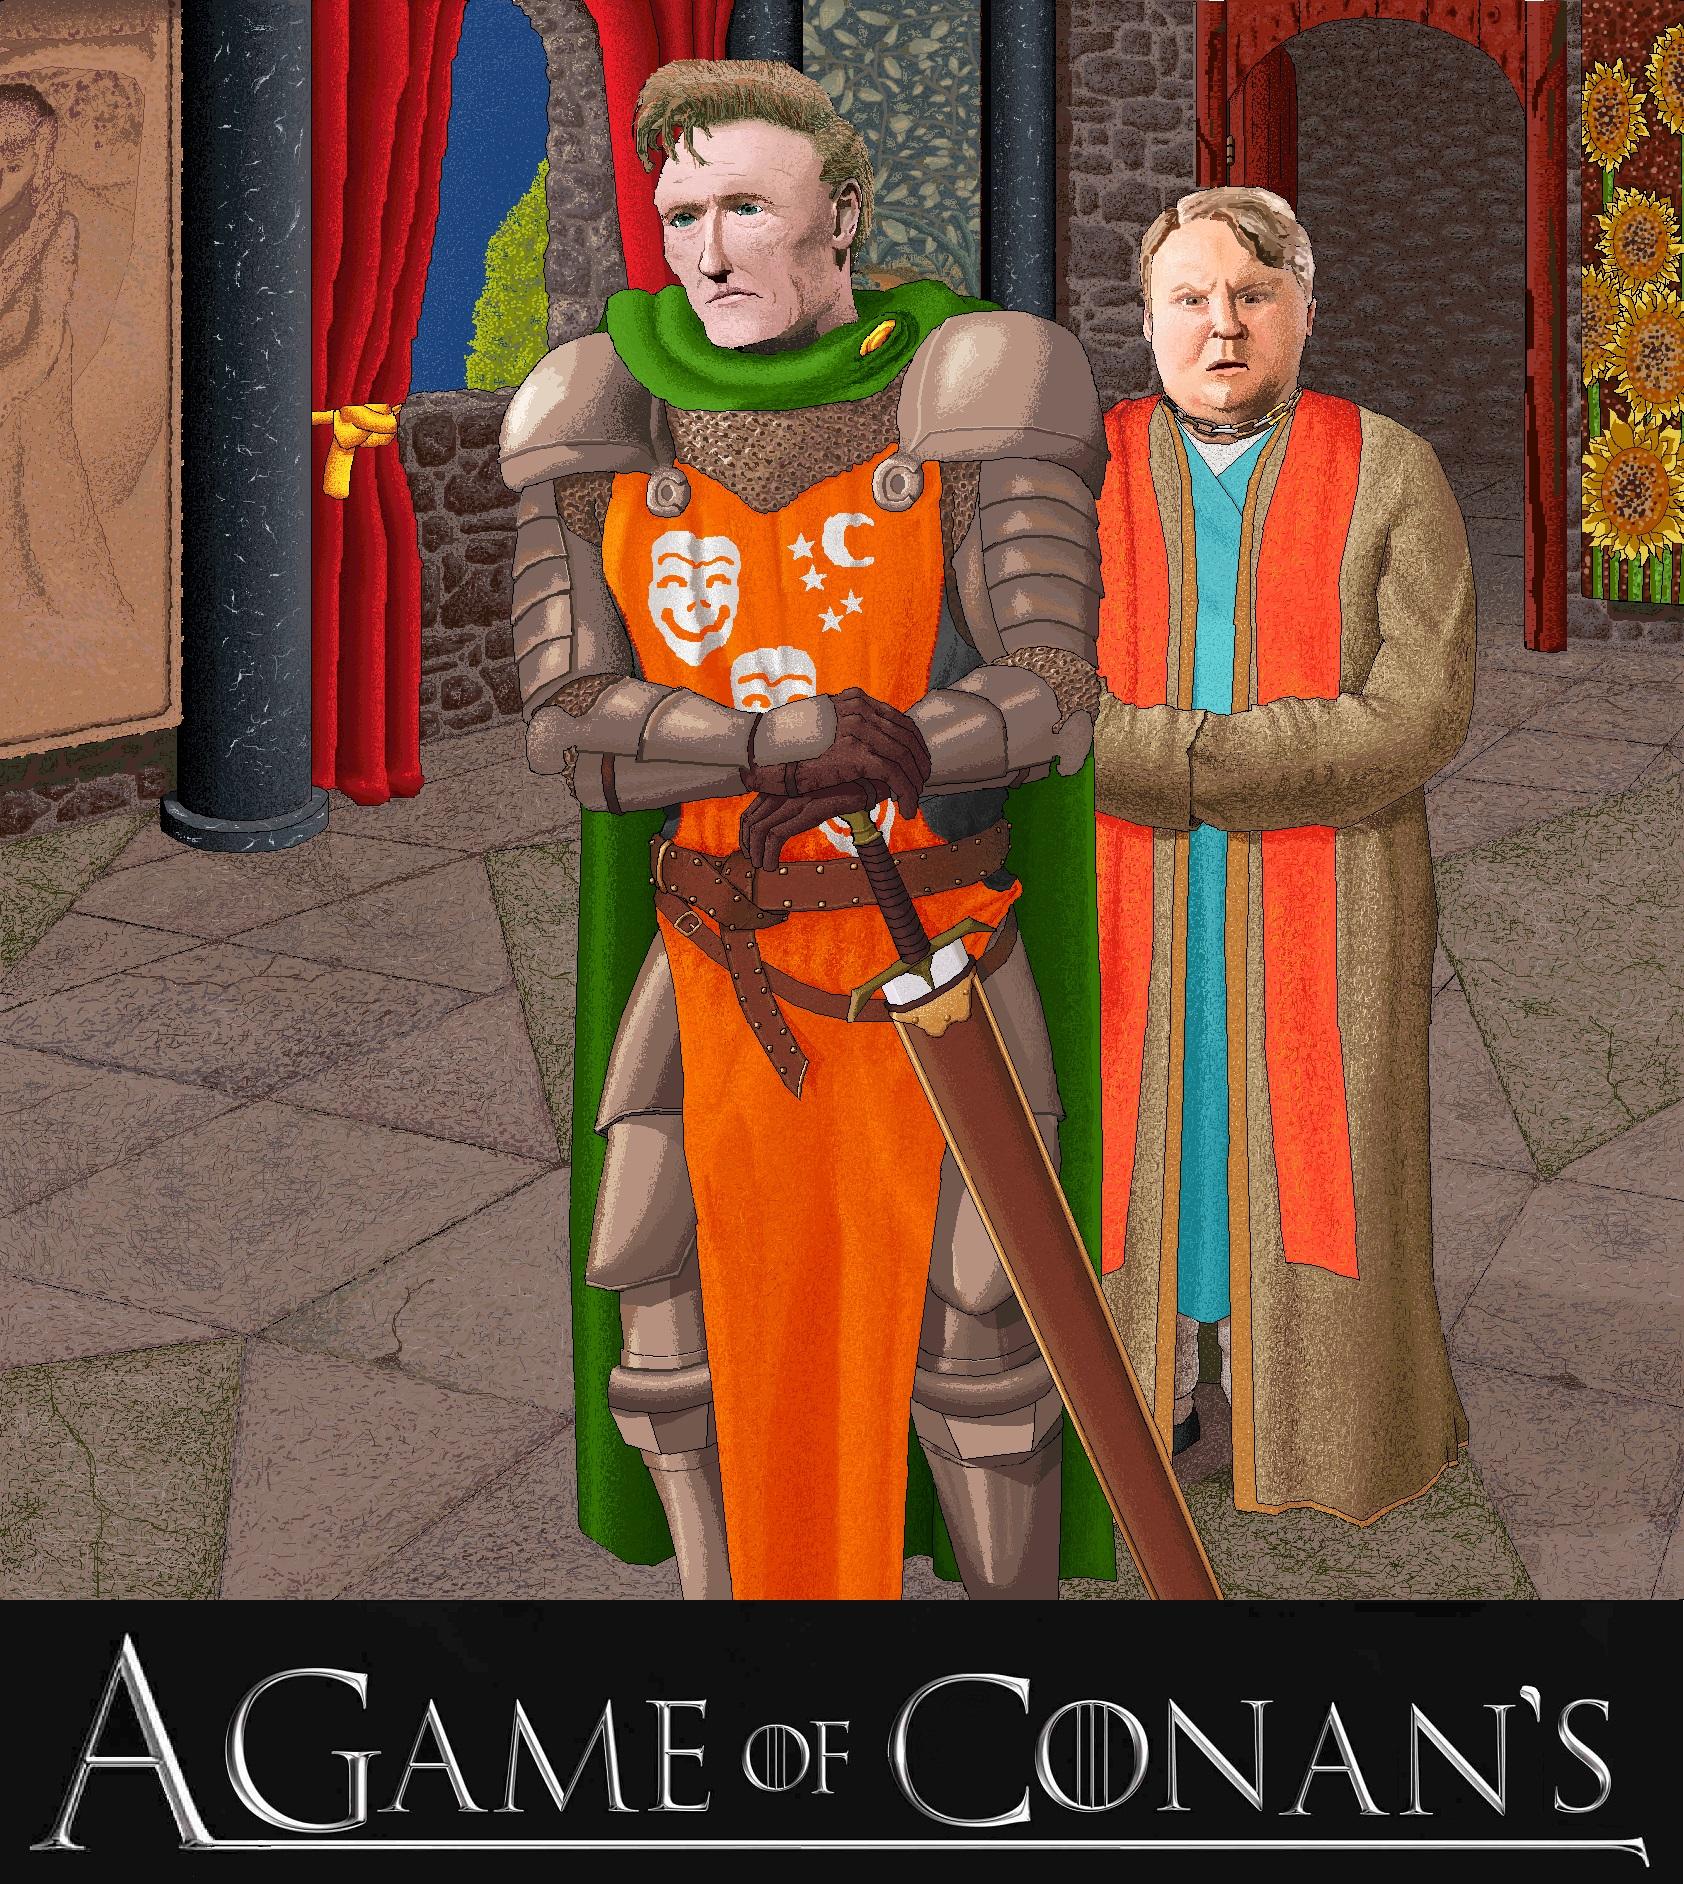 A Game of Conan's (2011)